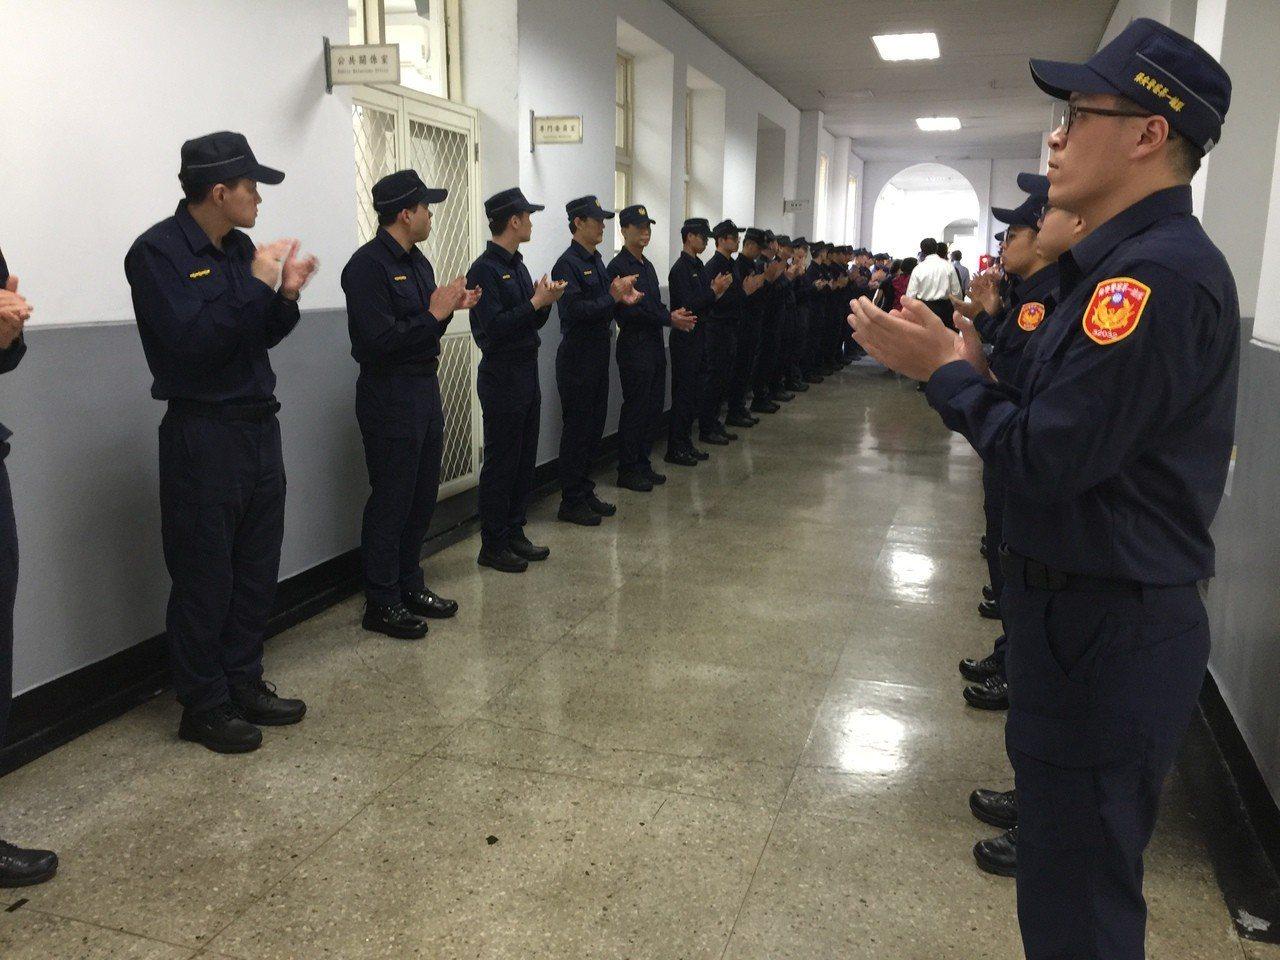 明天員警將穿著新制服,鼓掌歡迎總統蔡英文進場。記者陳金松/攝影